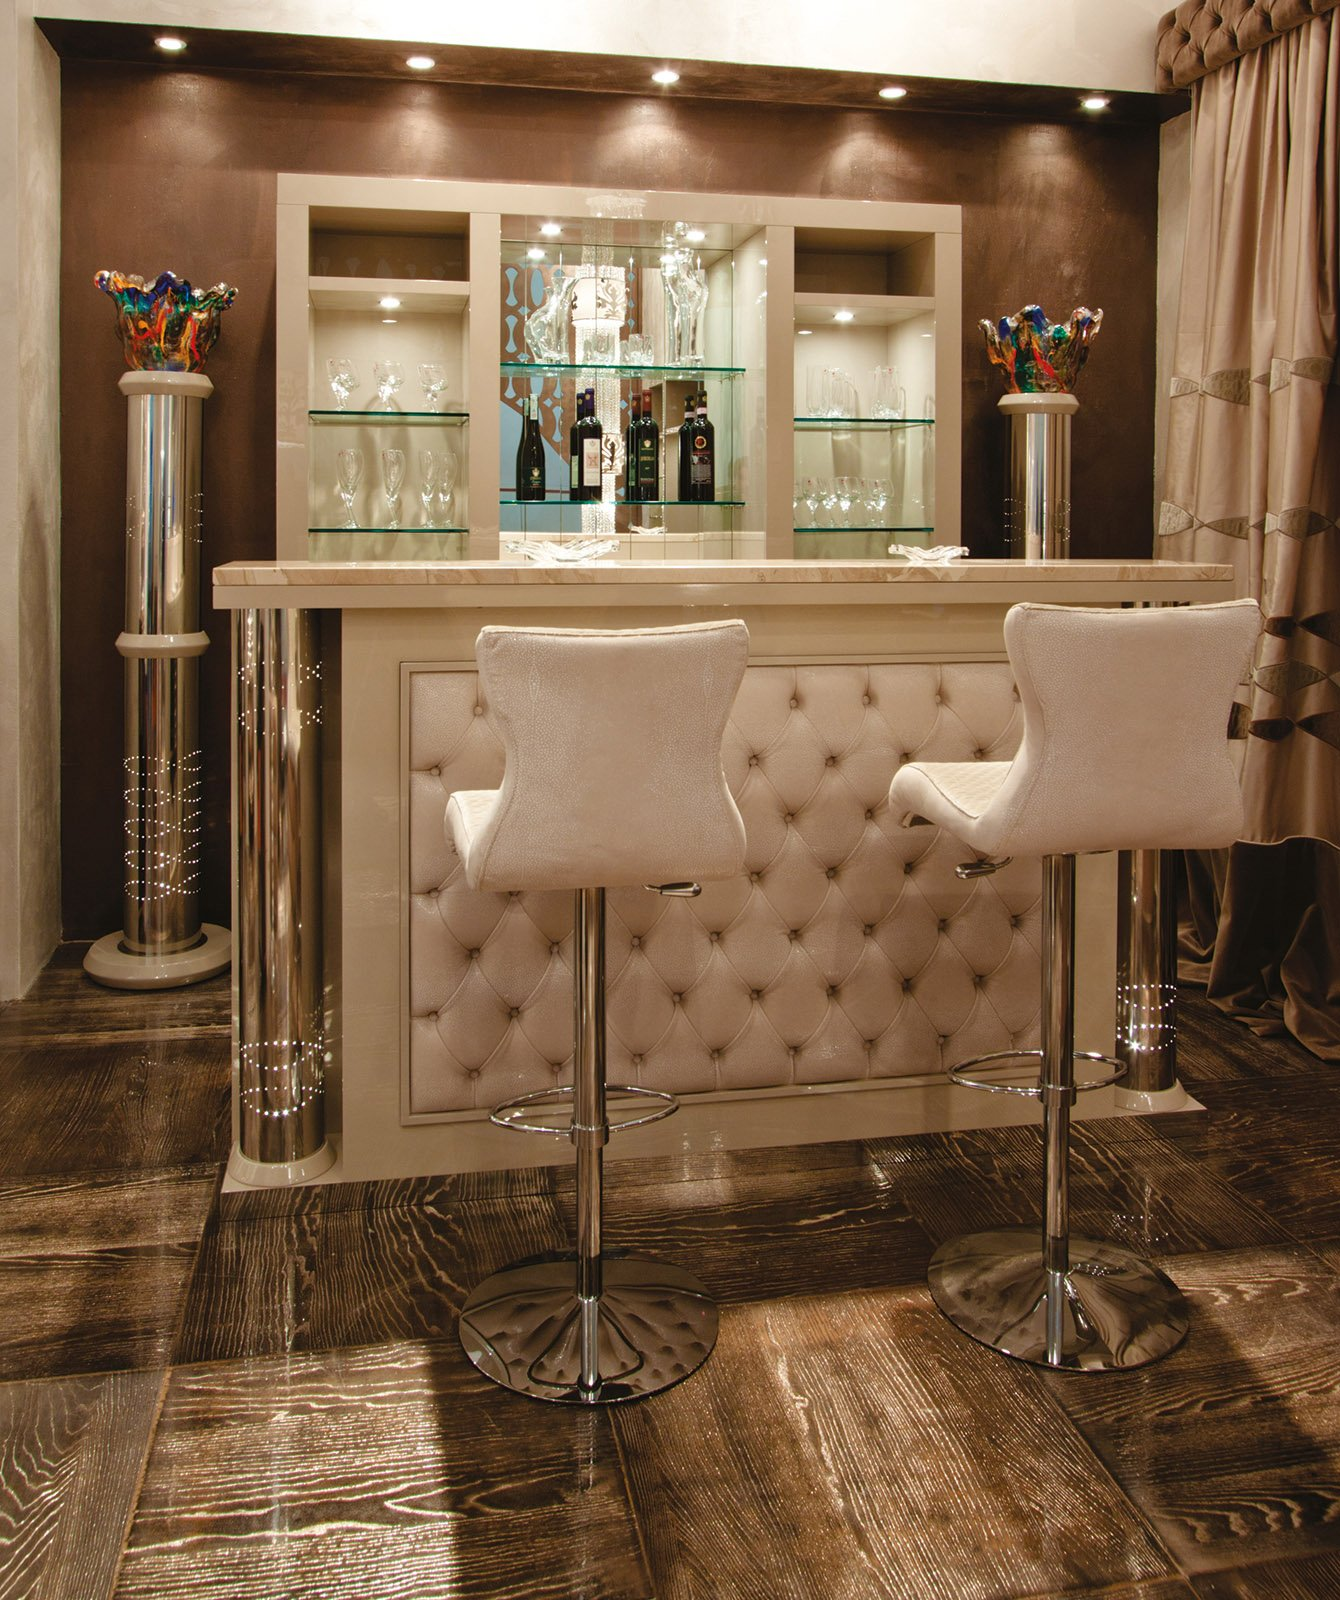 Mobile bar a casa per brindare e fare festa con amici e for Arredamento